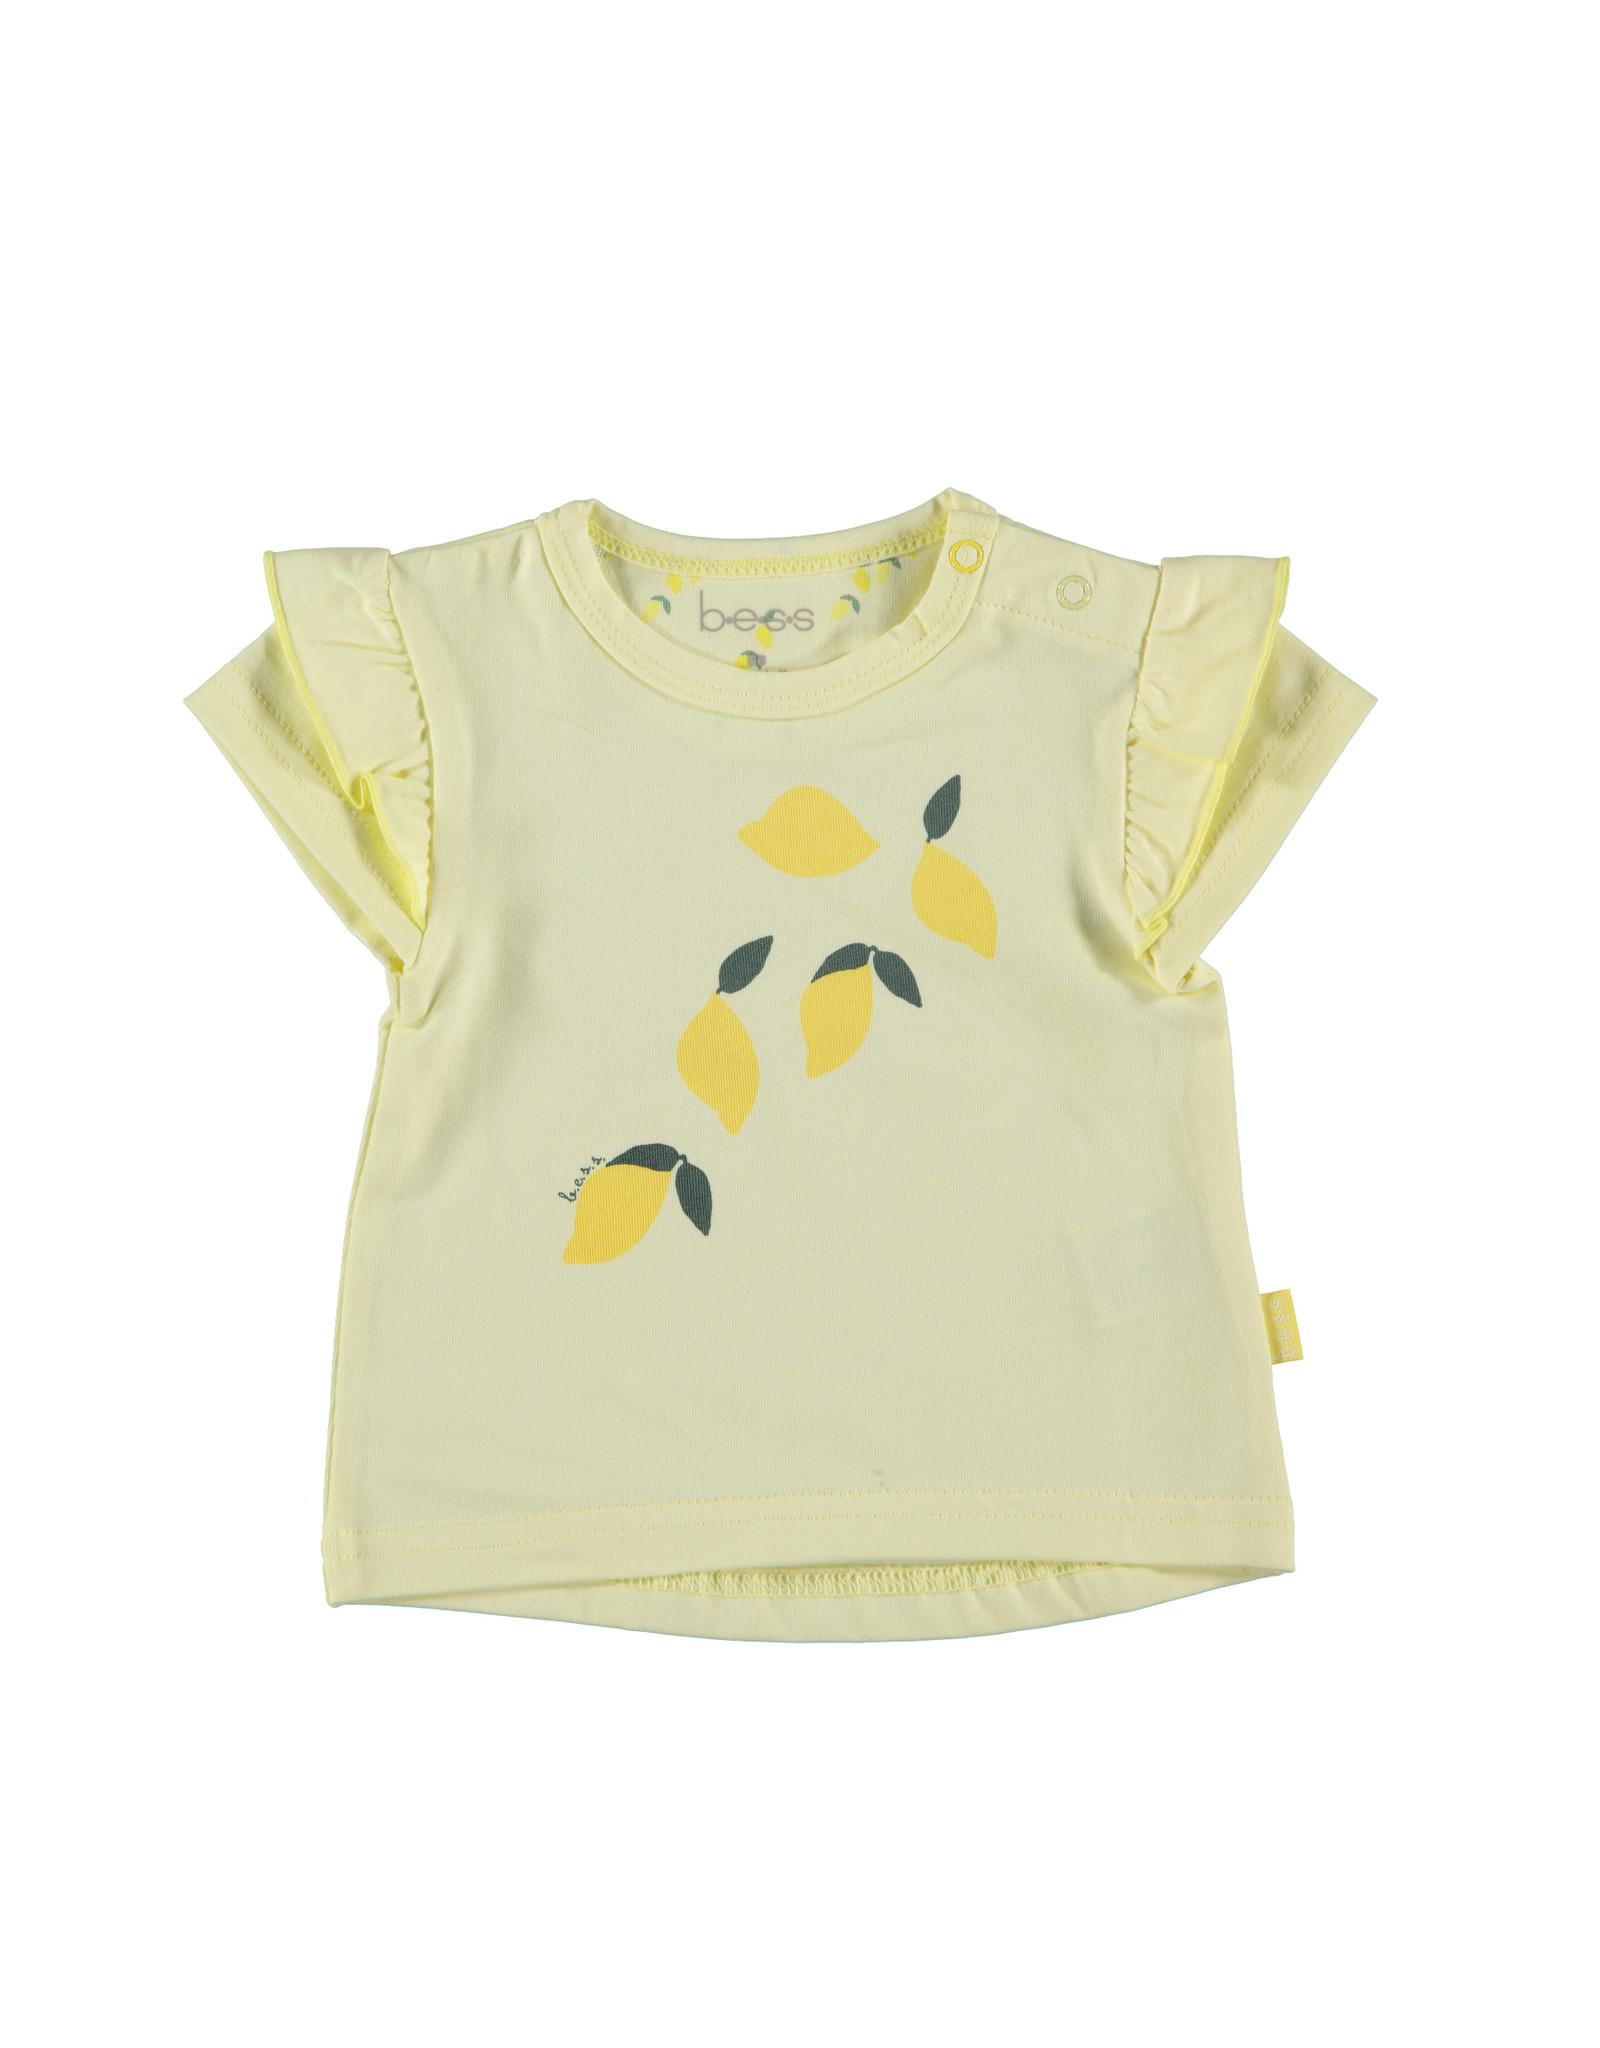 B.E.S.S. Shirt sh.sl. Lemons, Yellow